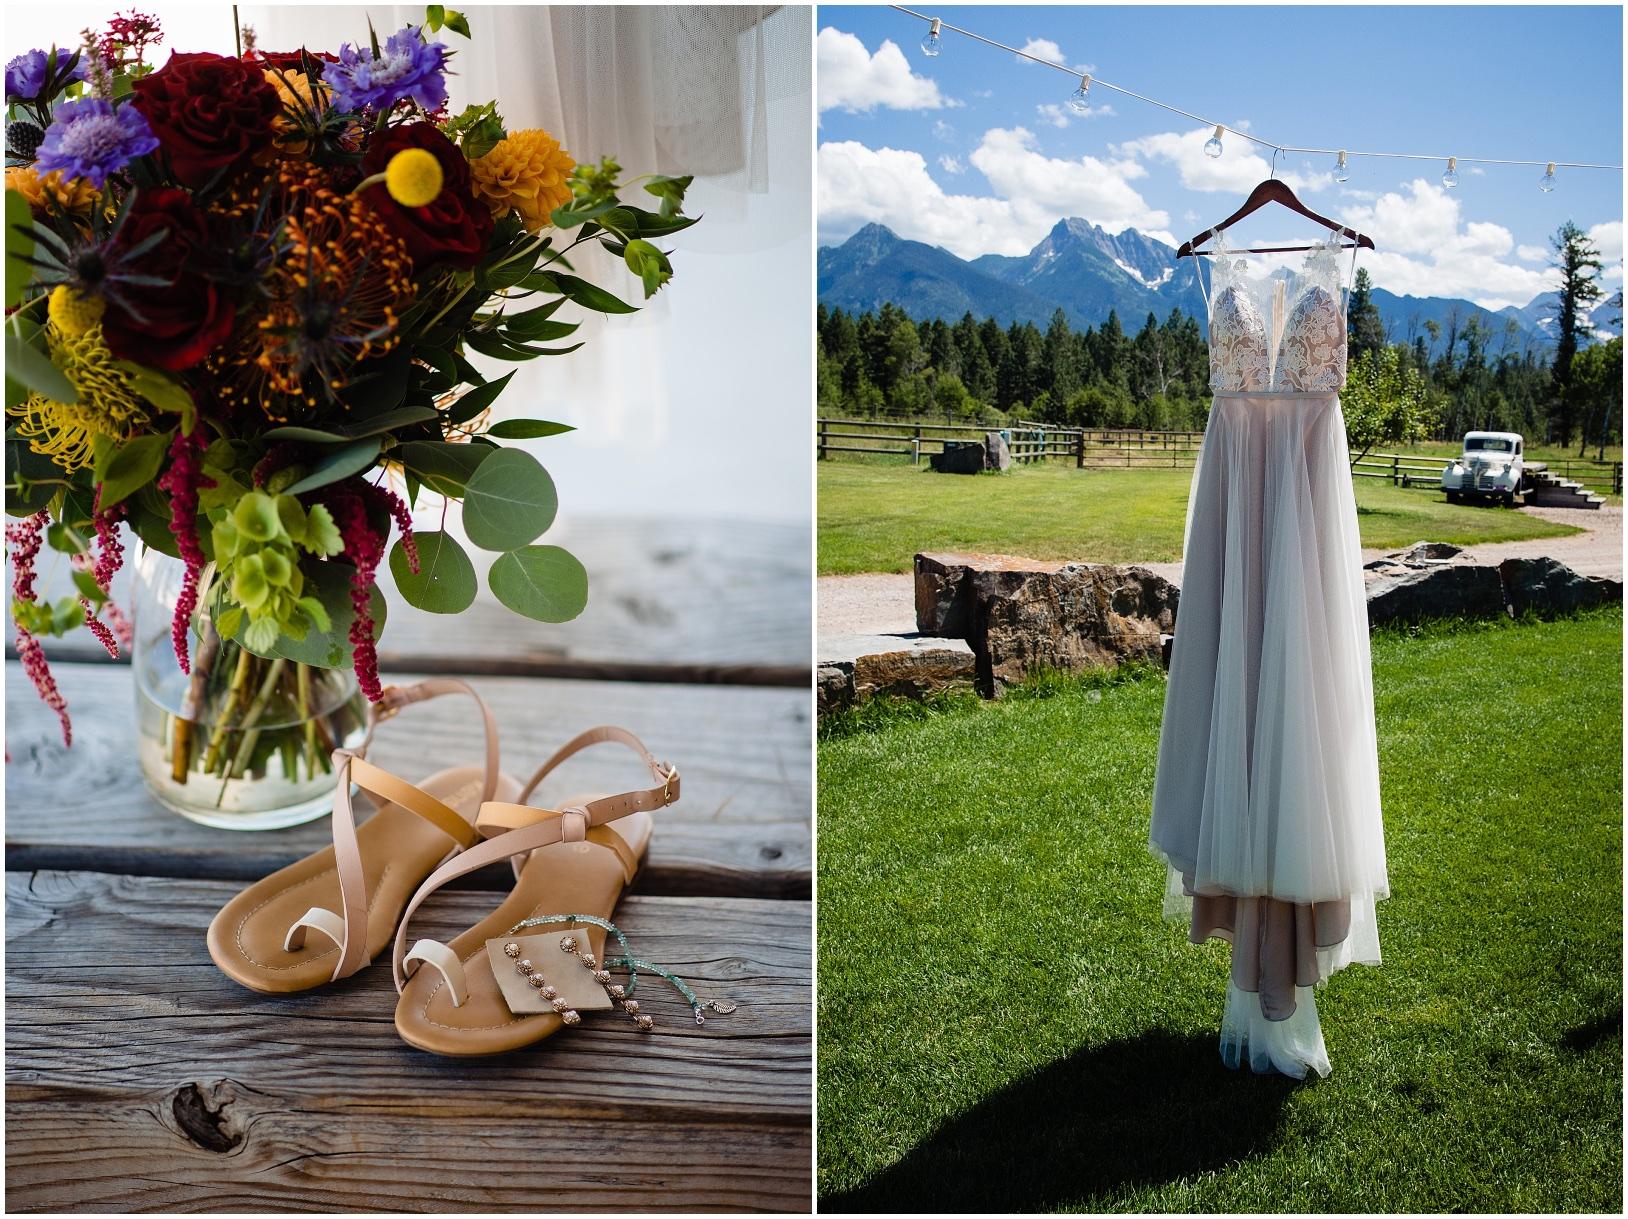 lindseyjane_weddings0002.jpg